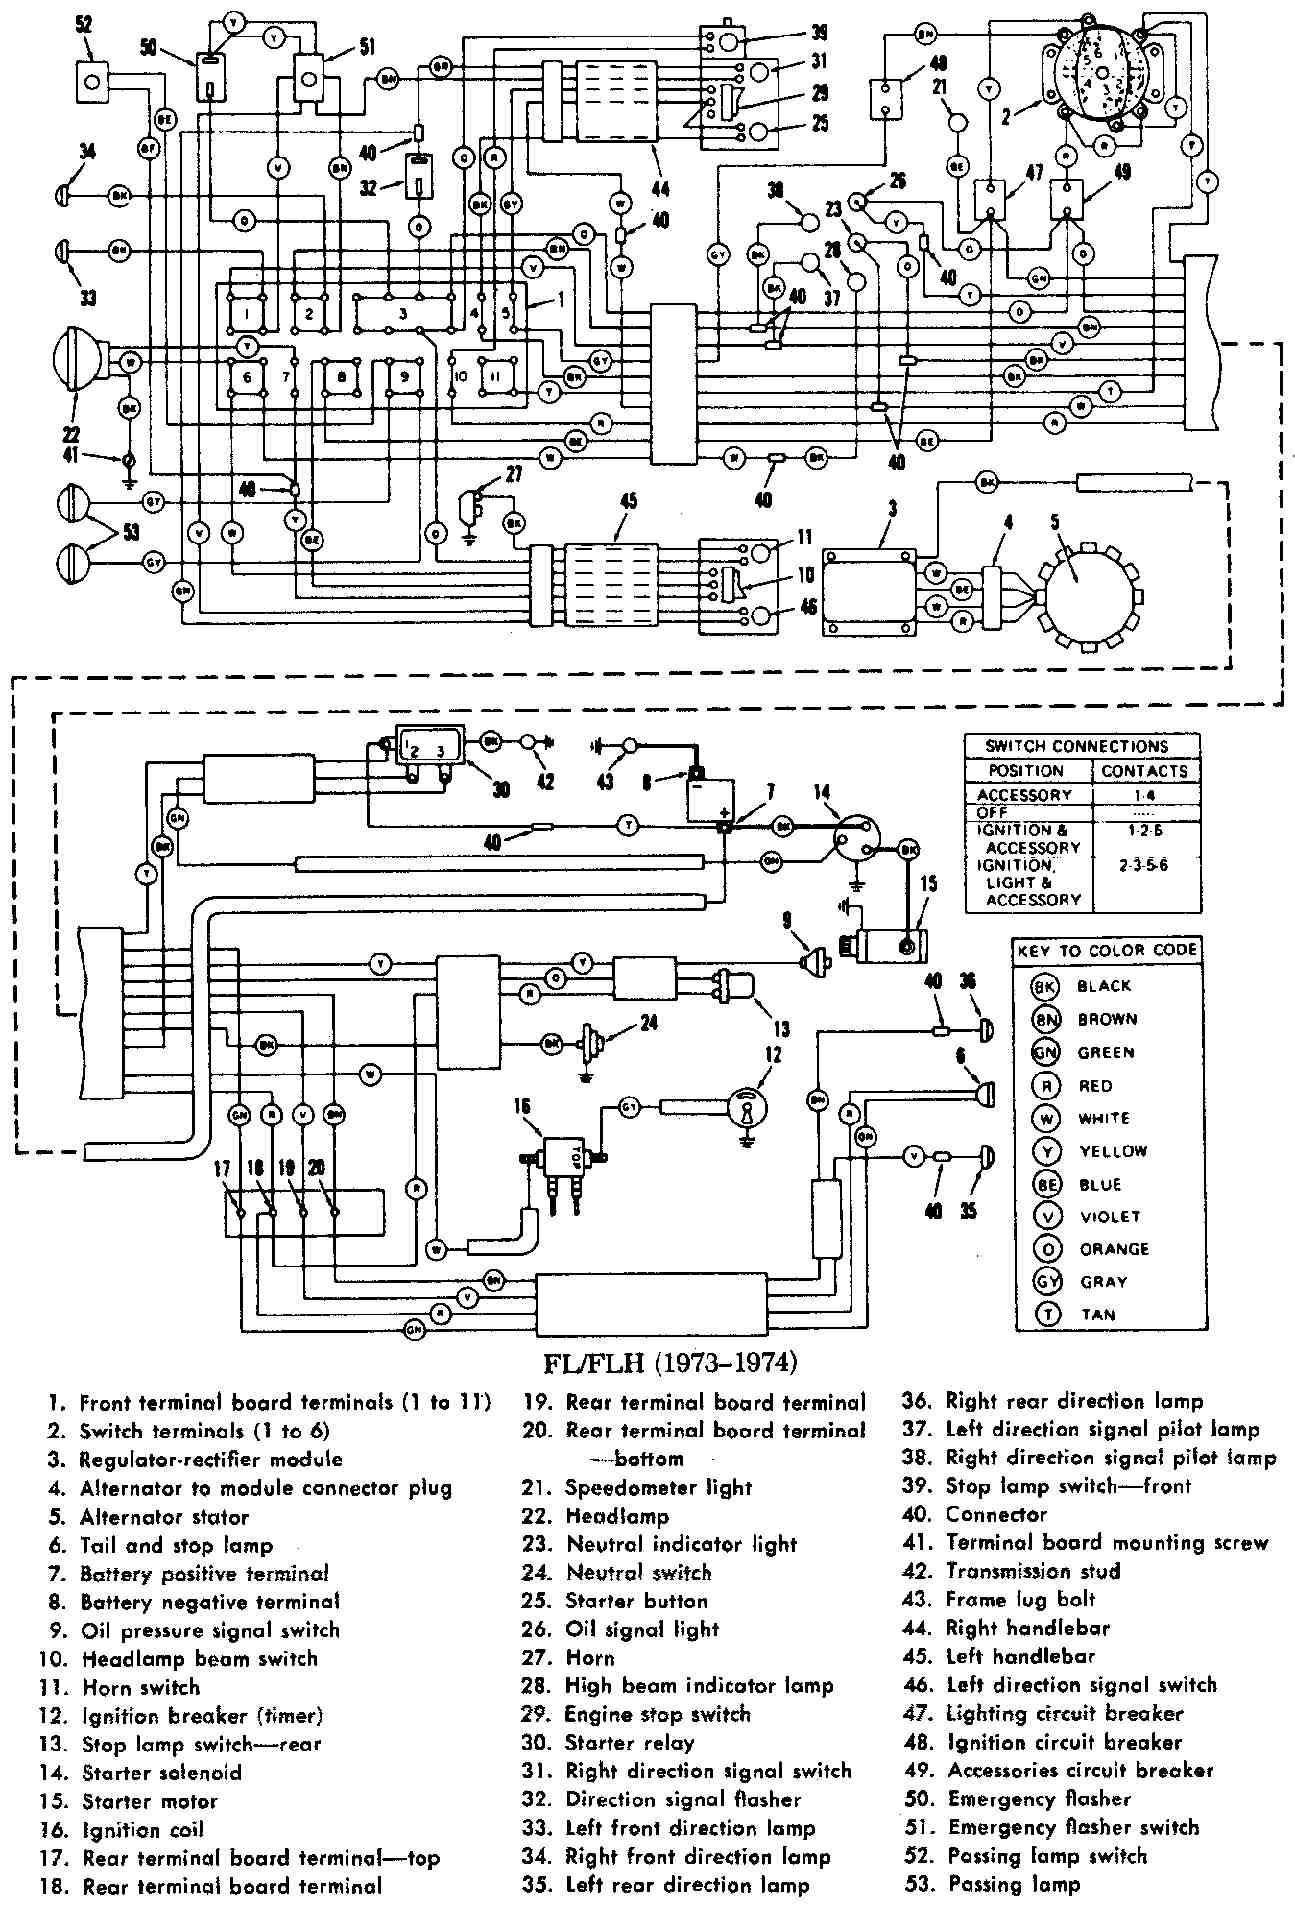 medium resolution of harley wiring diagram wires detailed schematics diagram harley throttle by wire diagram harley starter relay wiring